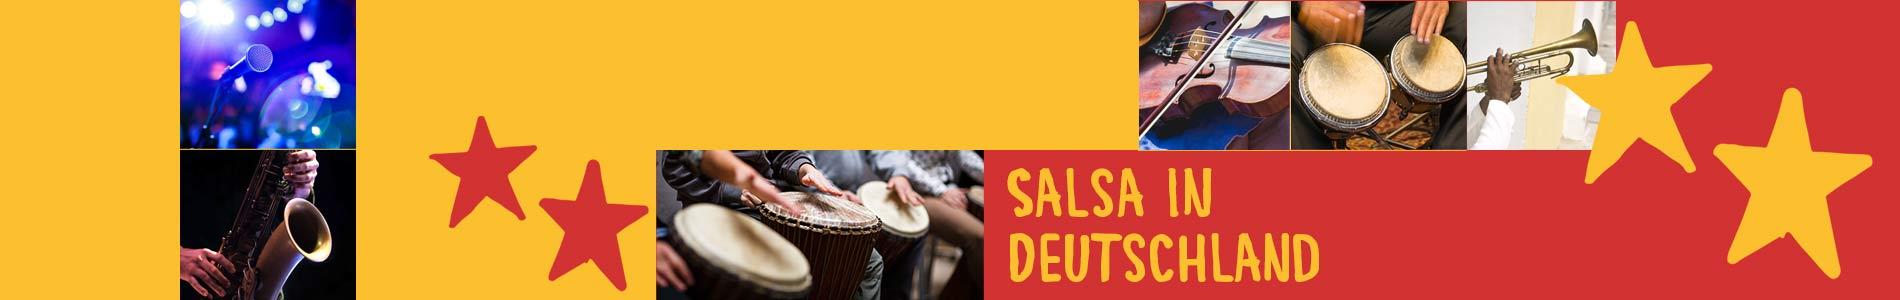 Salsa in Cochstedt – Salsa lernen und tanzen, Tanzkurse, Partys, Veranstaltungen